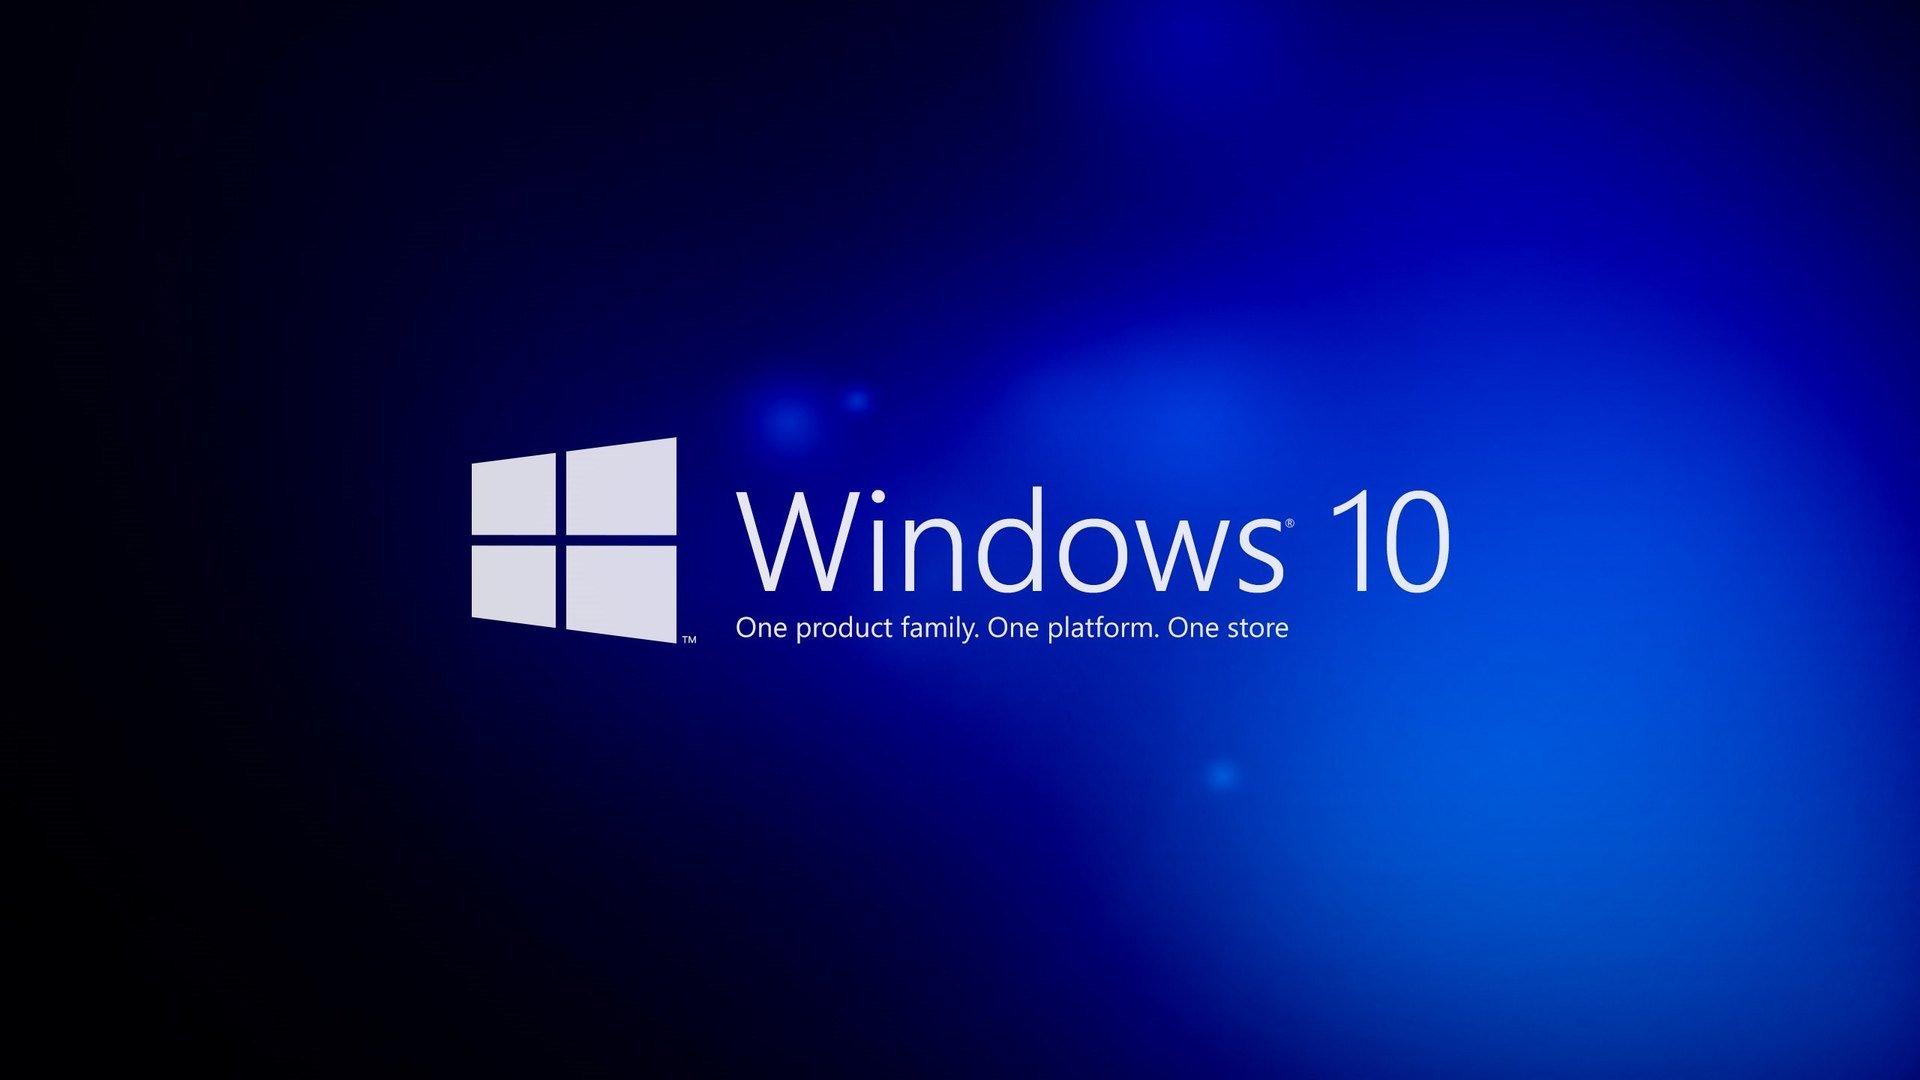 Windows 10 non attira più? Questo mese ha perso quote di mercato